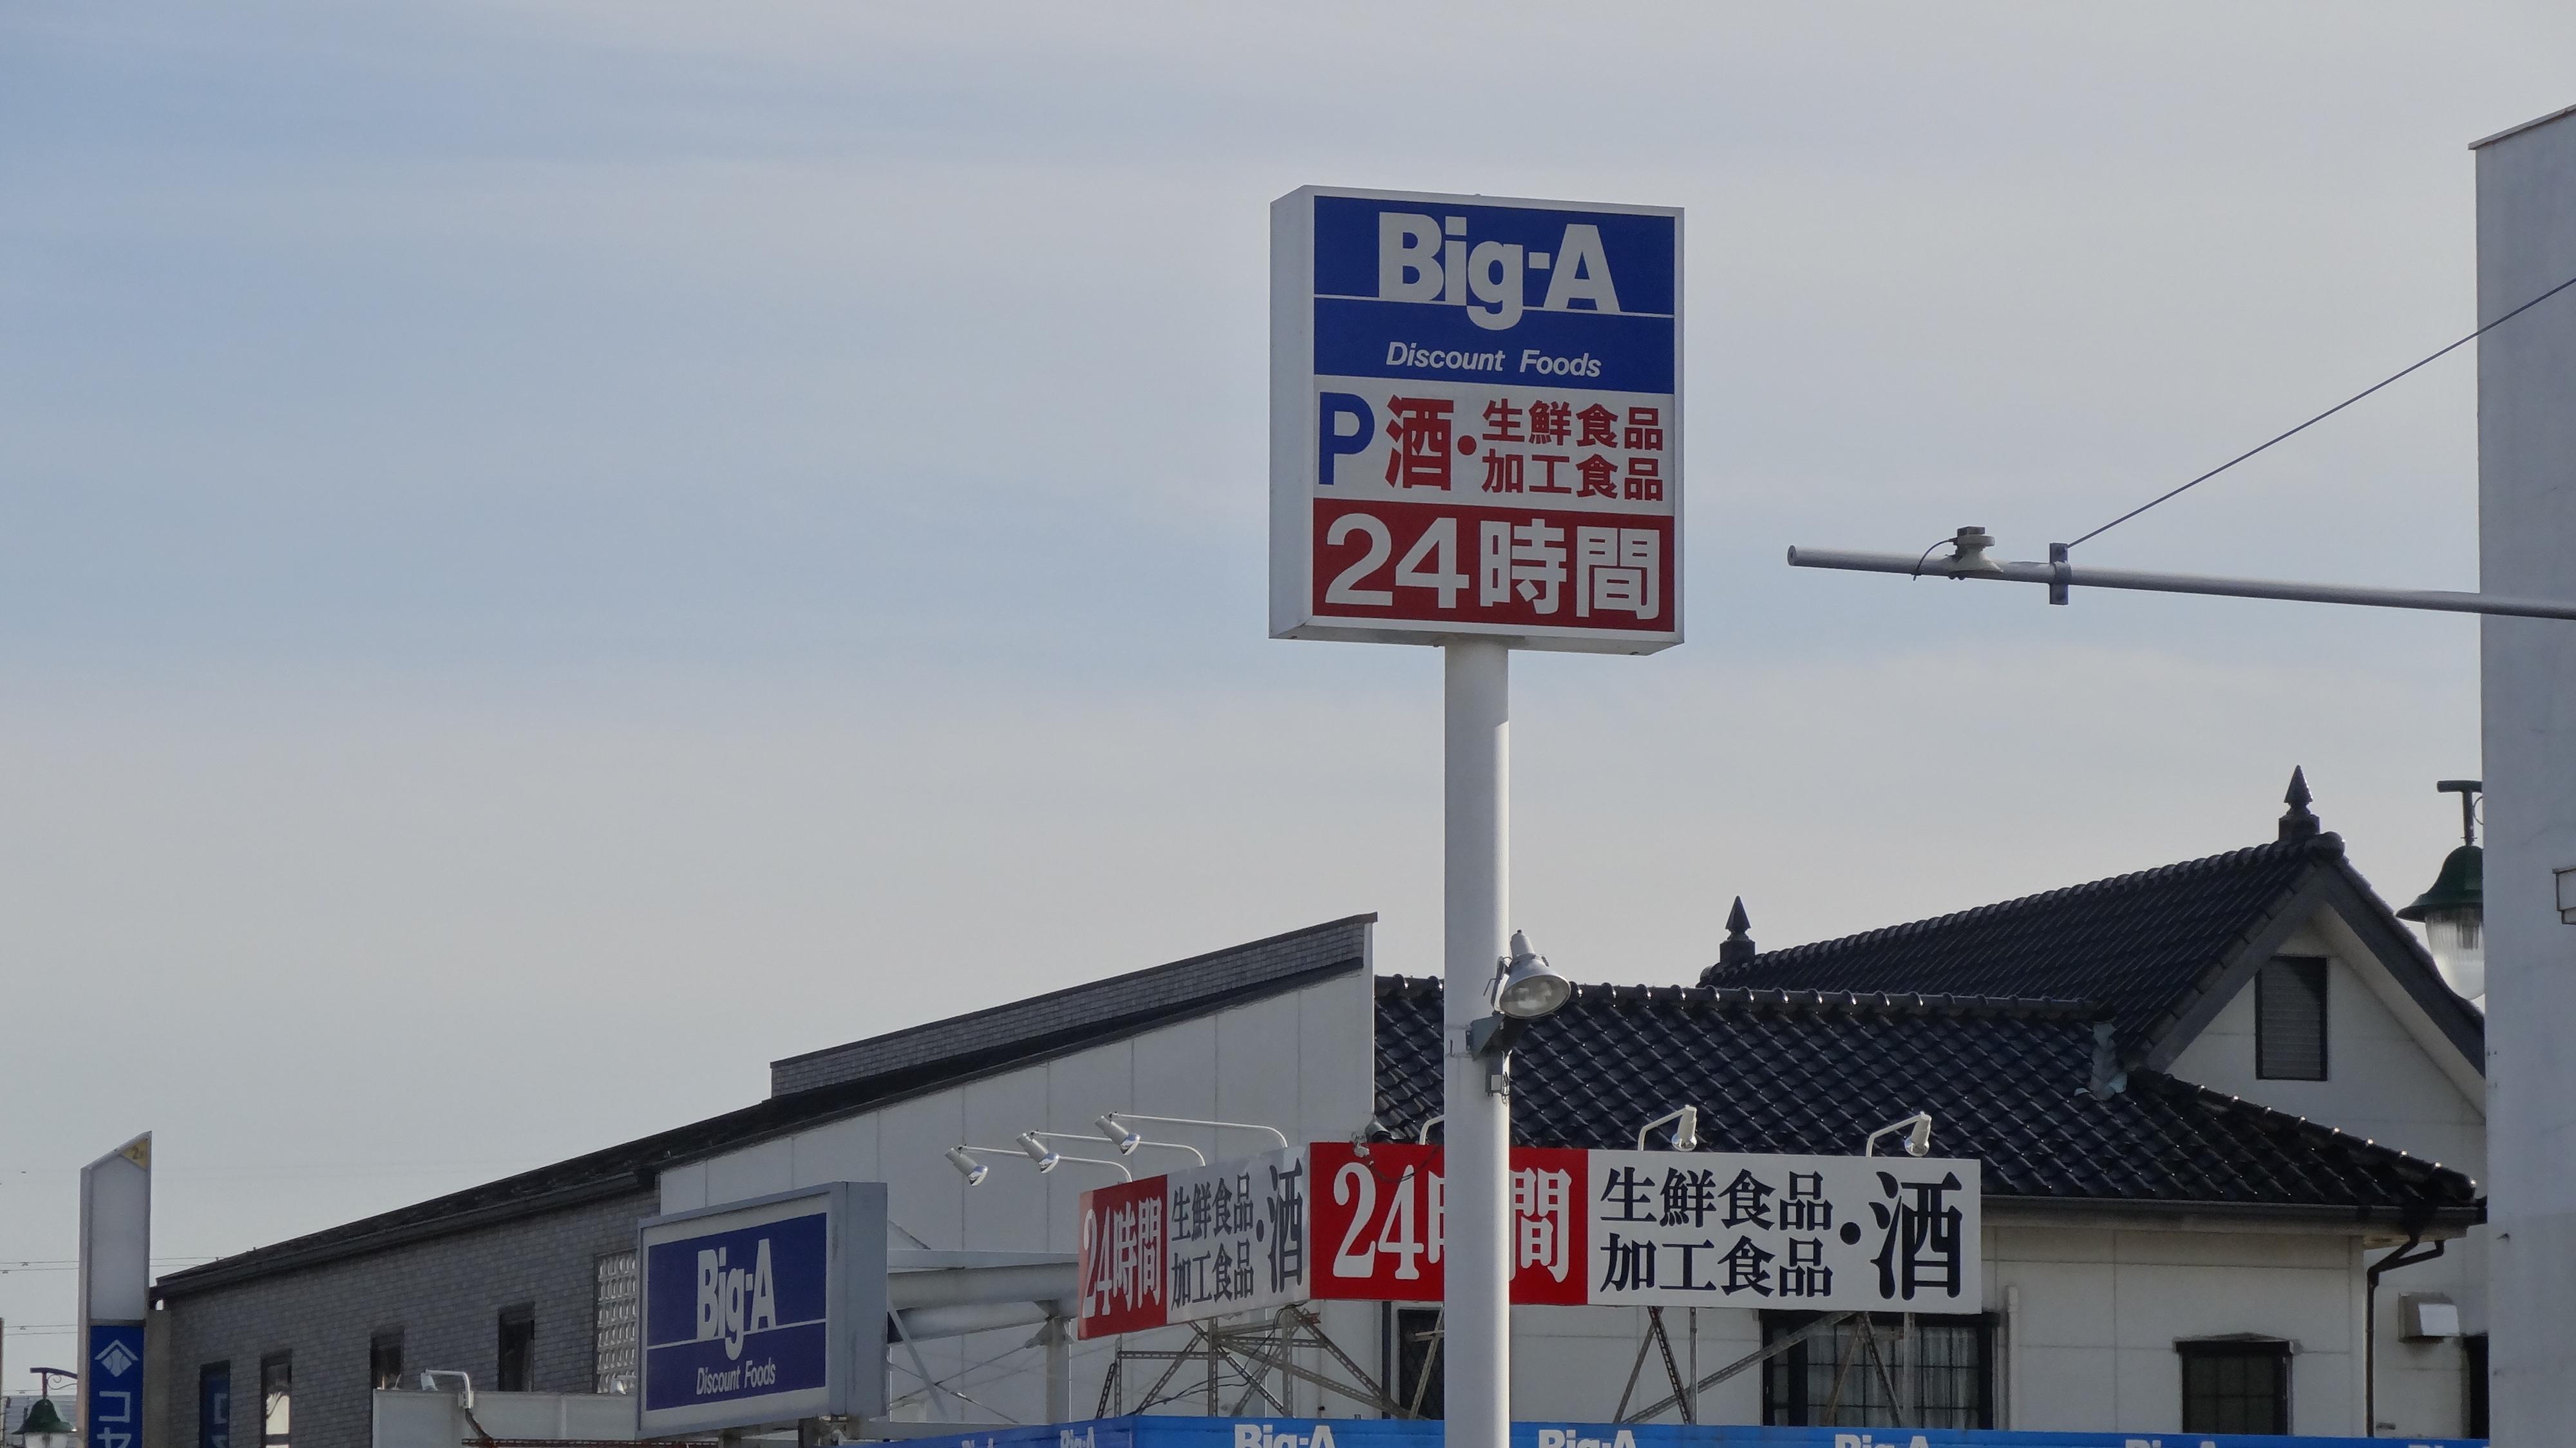 ビッグ・エー・浦和辻店